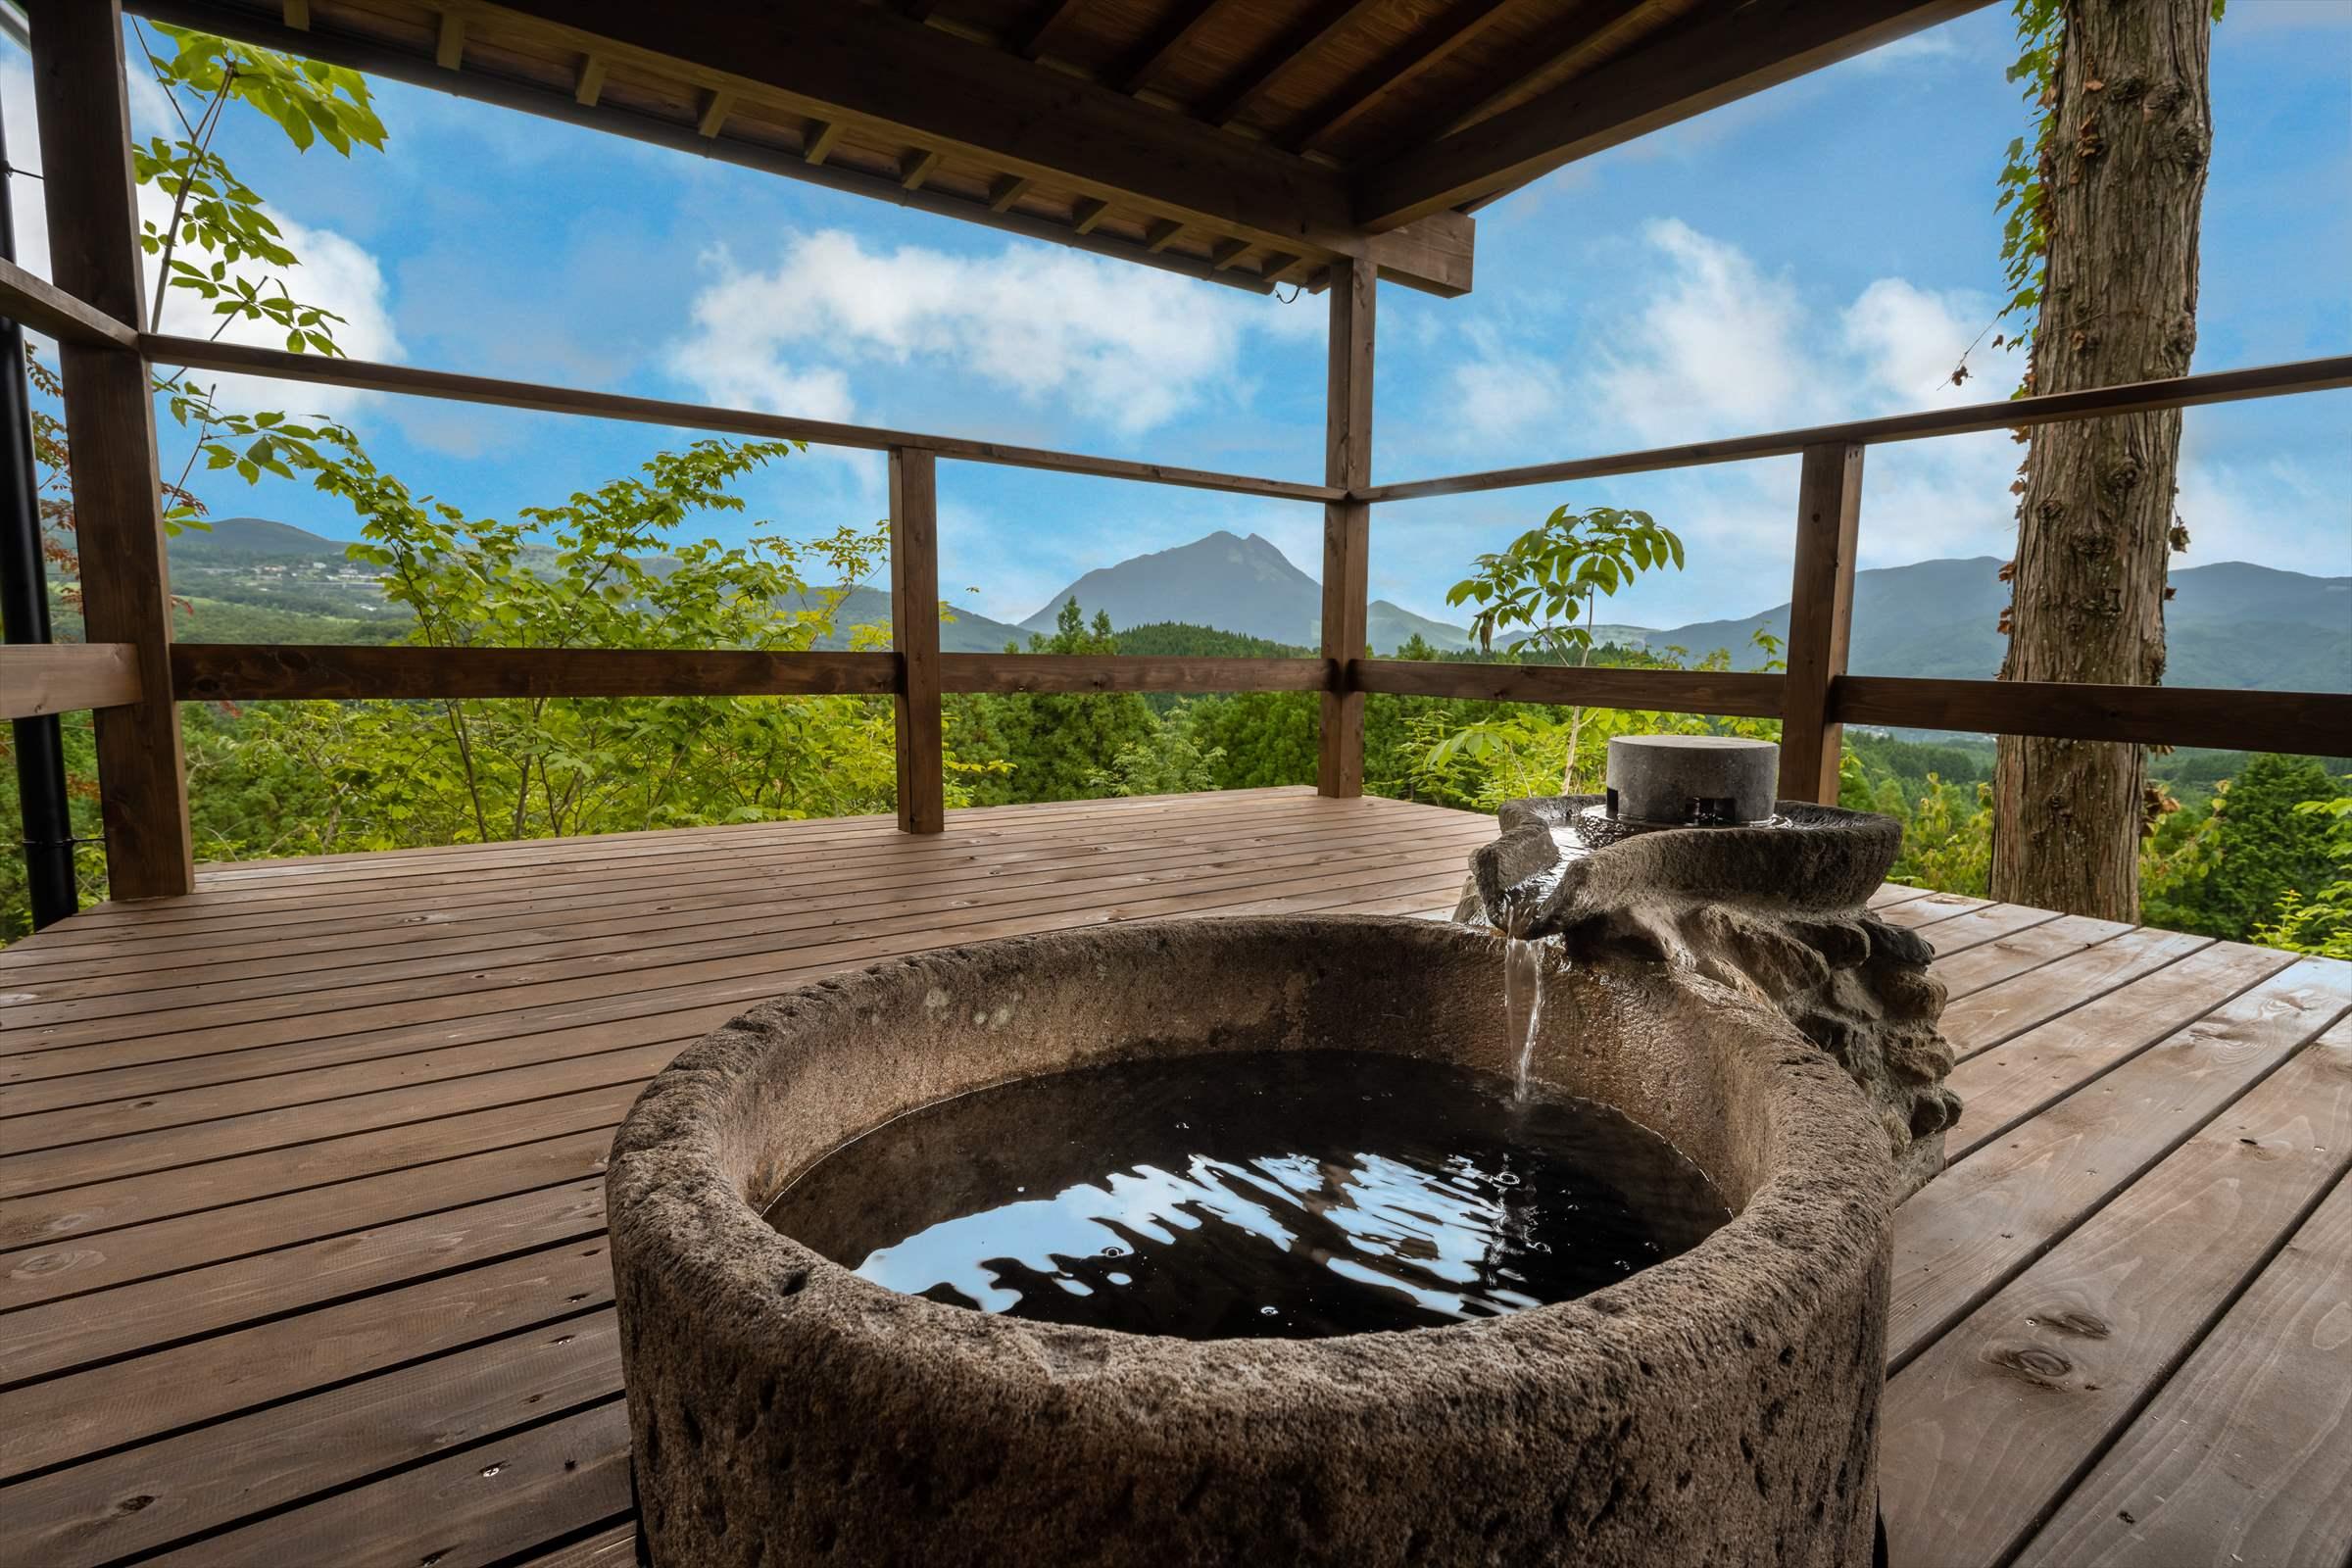 2種類の良泉を客室風呂でひとりじめ。